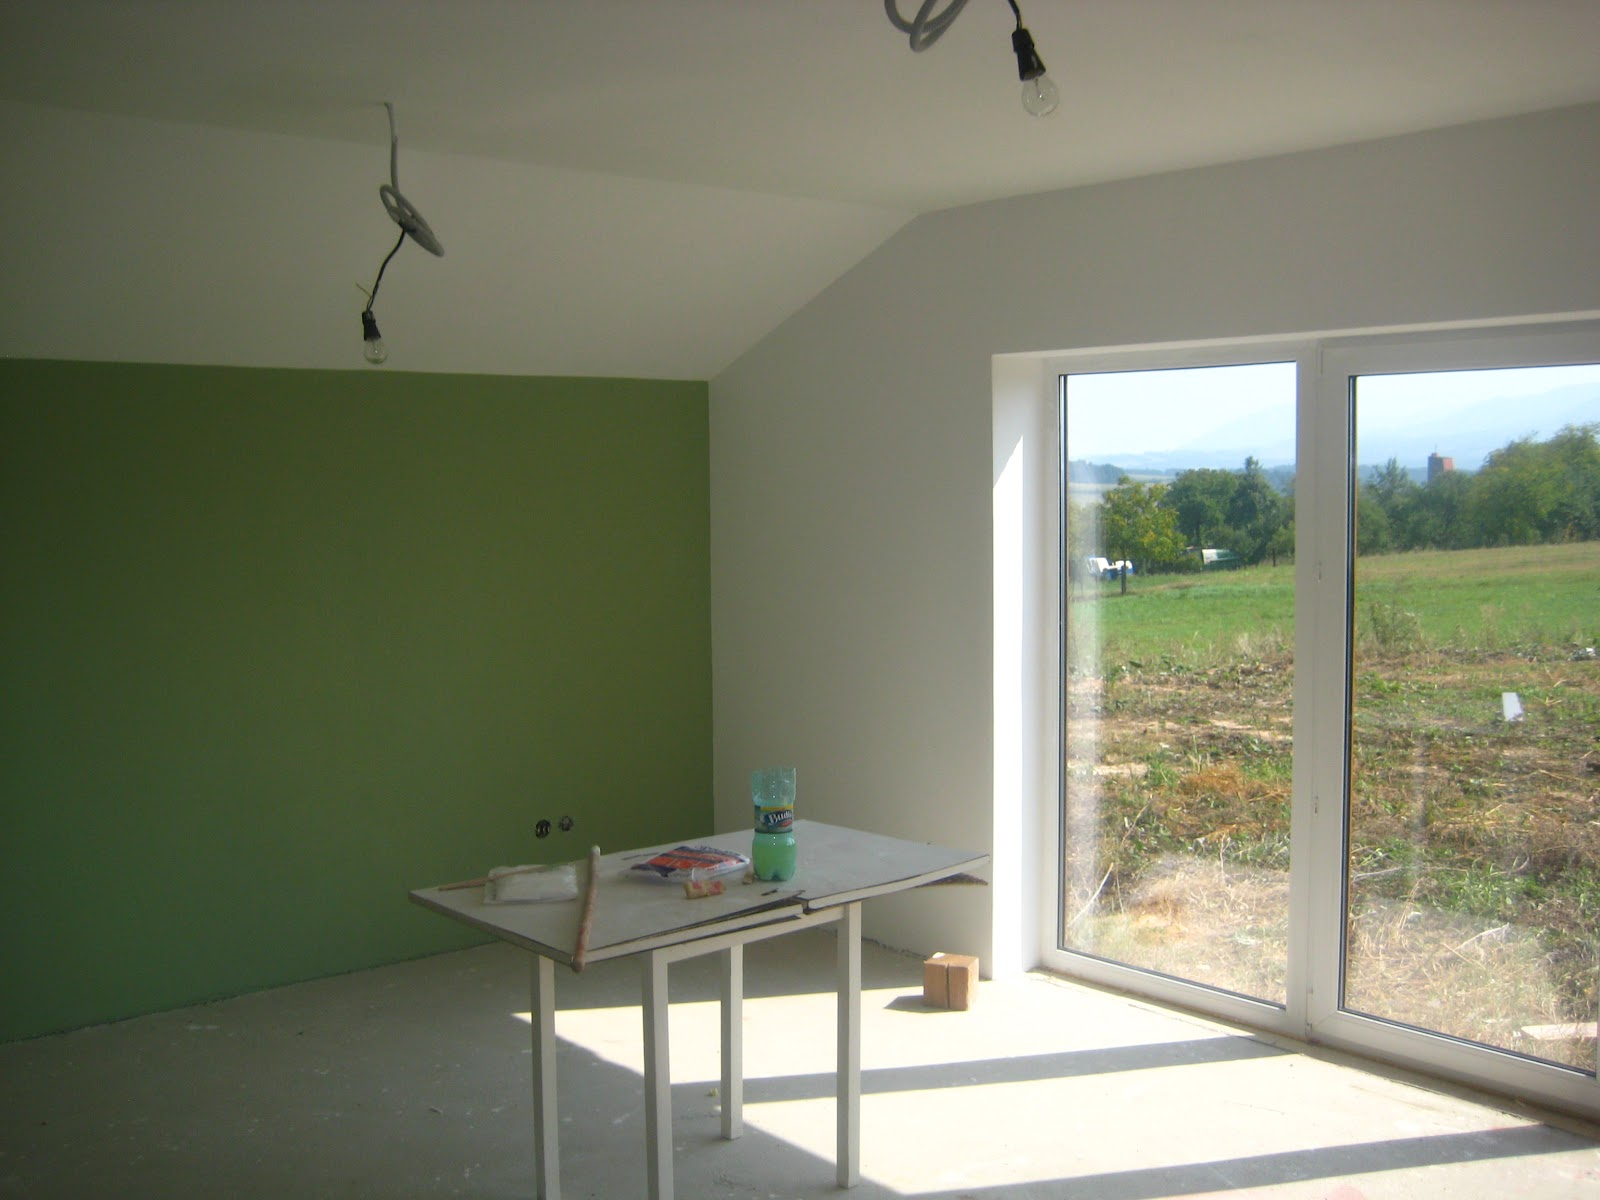 Ons nieuwbouw huis in Podhorany PO Alles in kleur